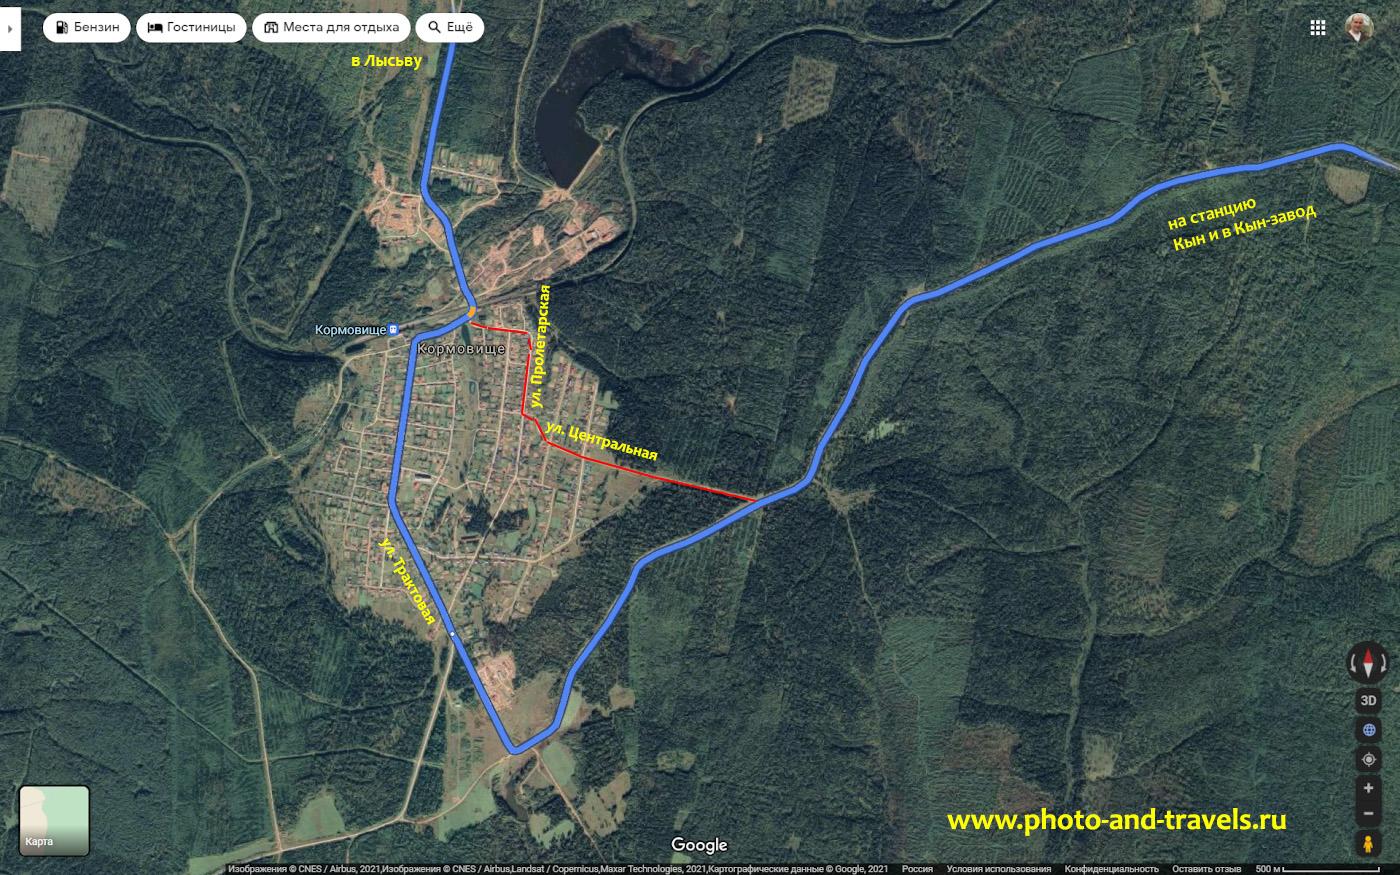 4. Карта легкого и сложного маршрута проезда по пути из Лысьвы в Кын через поселок Кормовище.